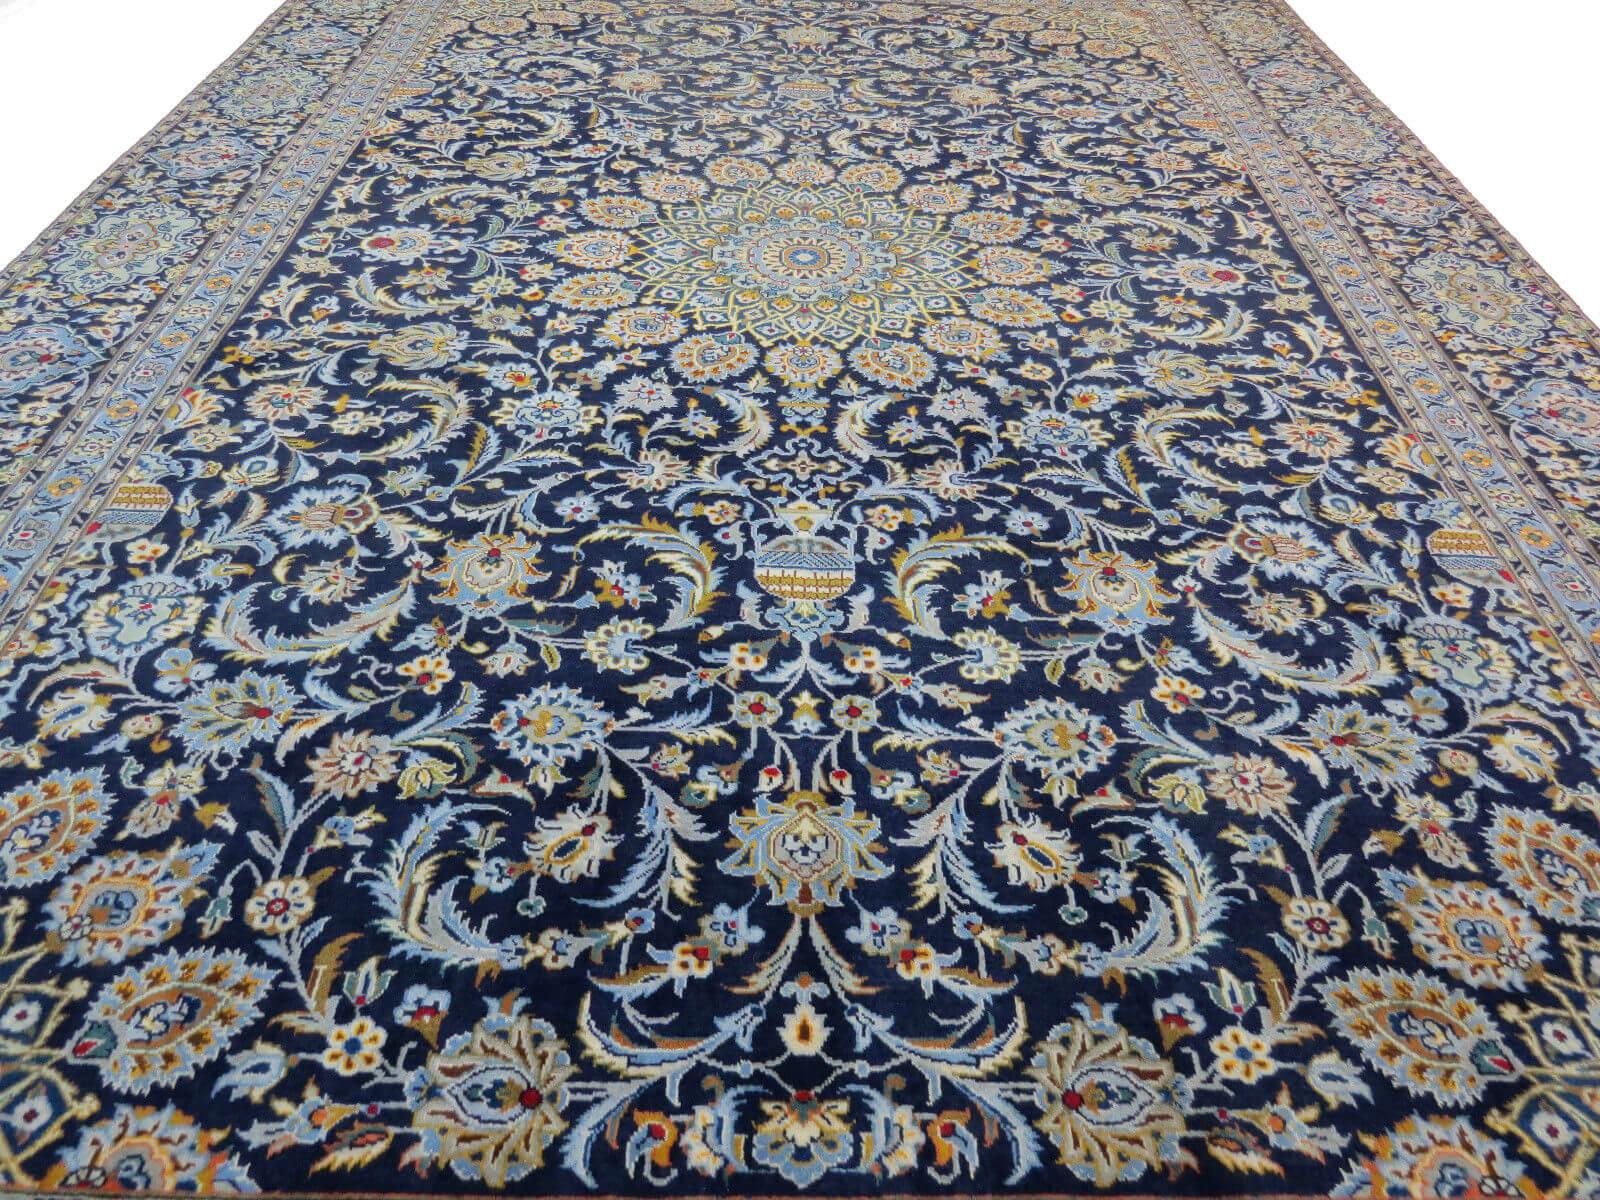 Perzisch Tapijt Blauw : Fraai perzisch kashan tapijt blauw 280 x 400 cm top staat